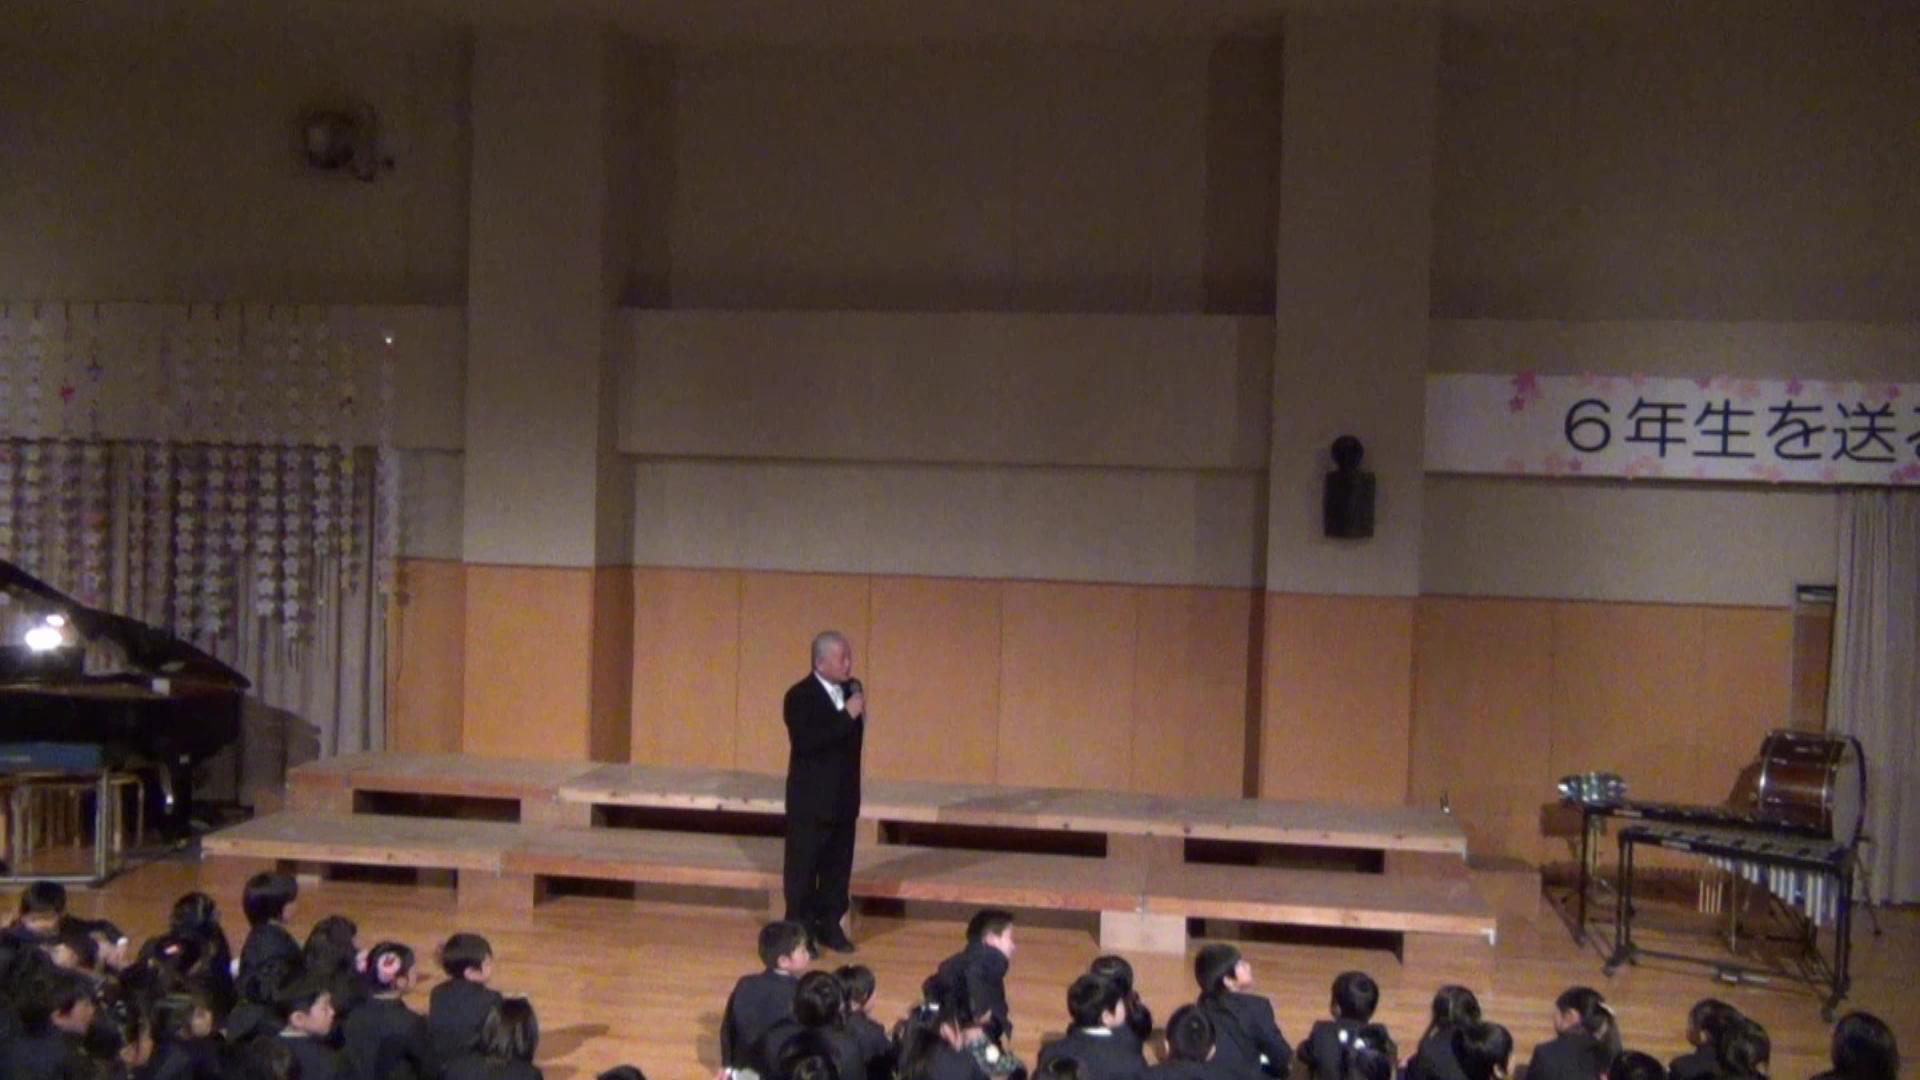 (動)6年生を送る会~職員合唱 : イベントレポート - 岐阜聖徳学園大学附属小学校